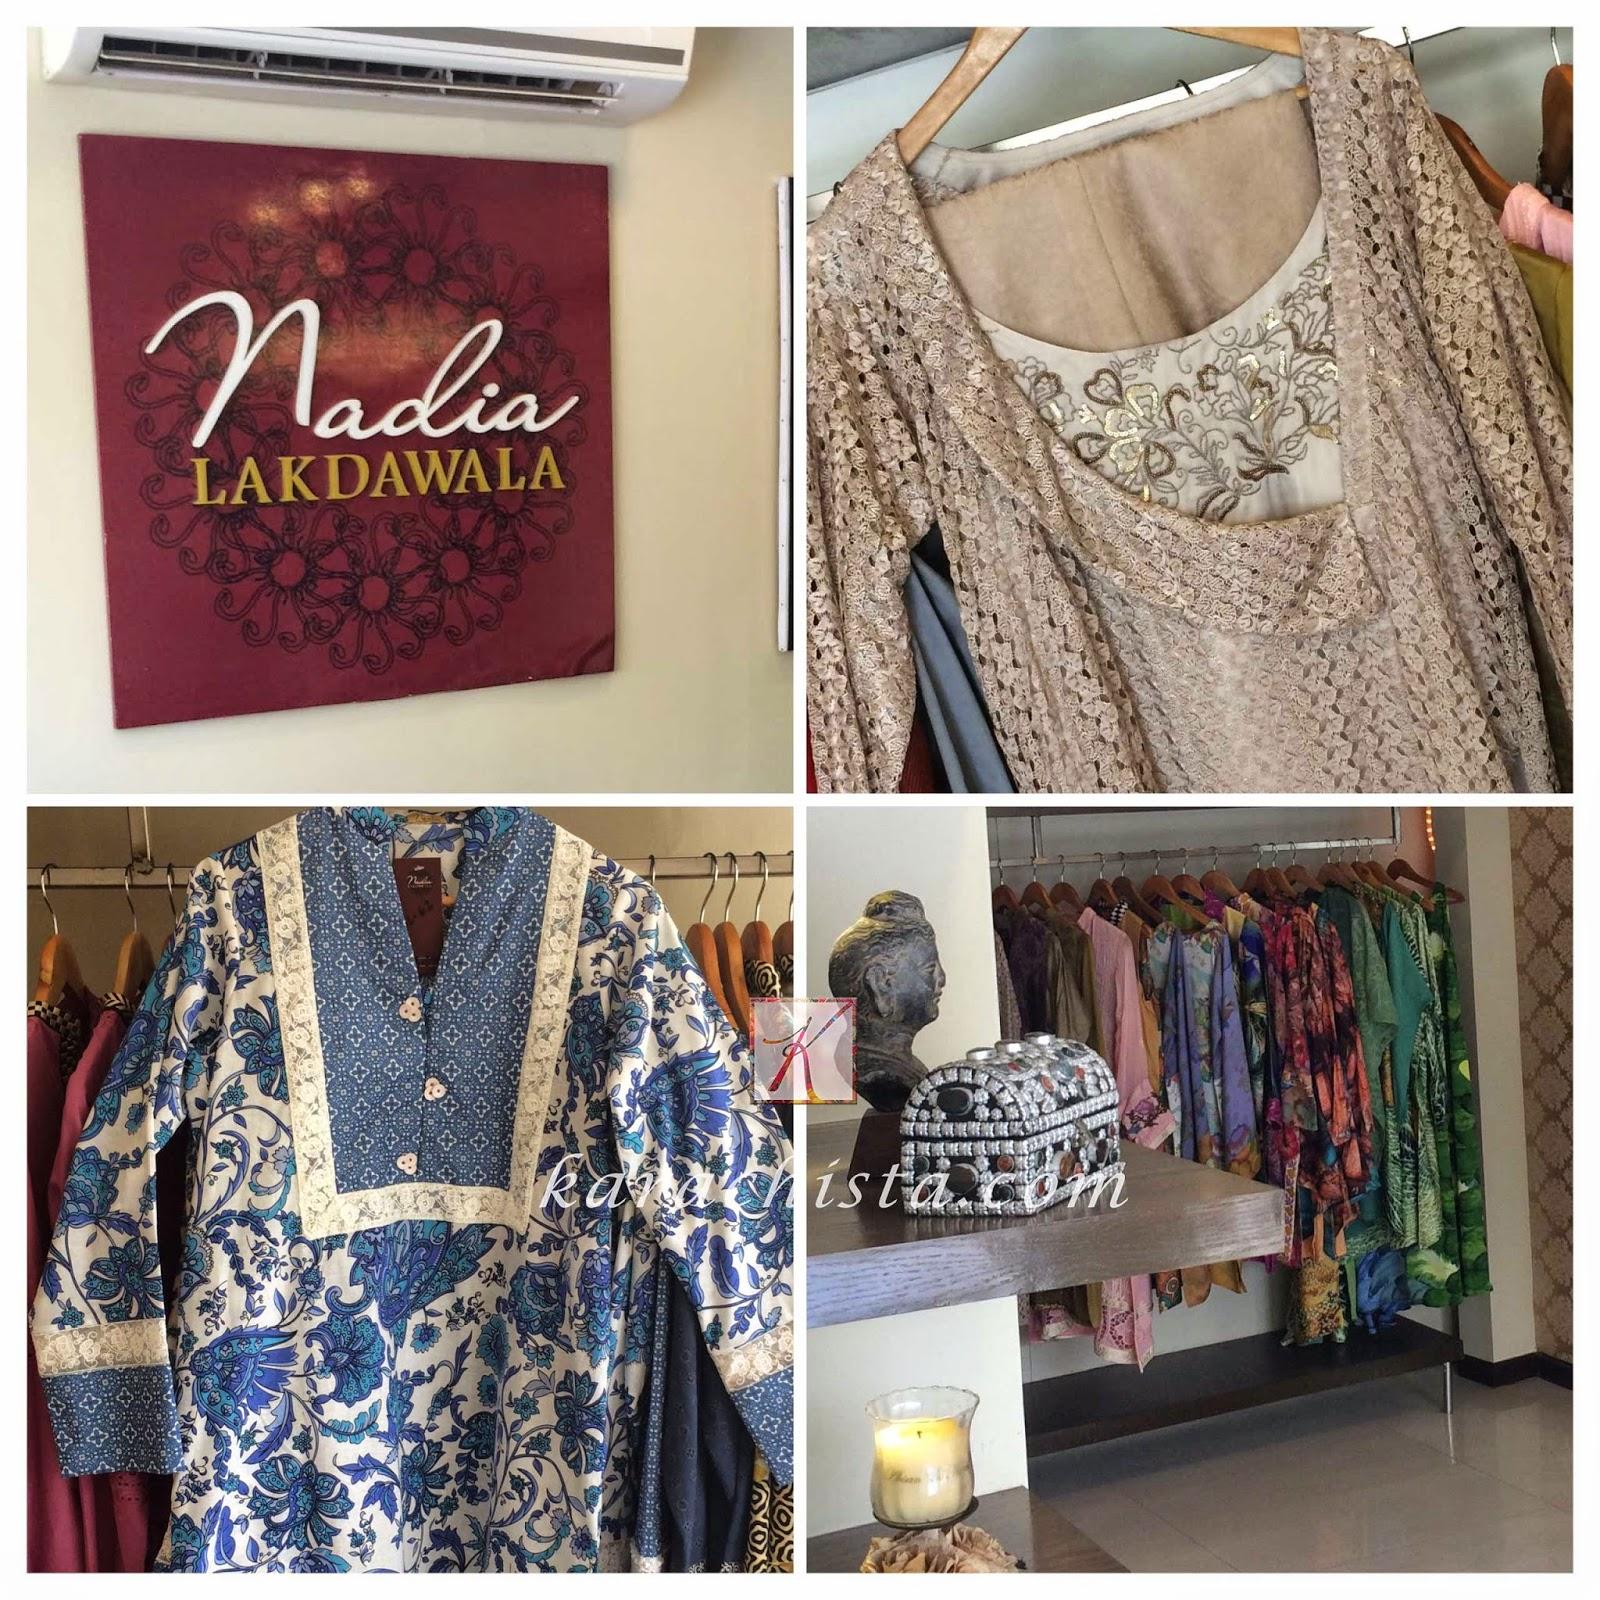 Nadia Lakdawala spring exhibition 2015